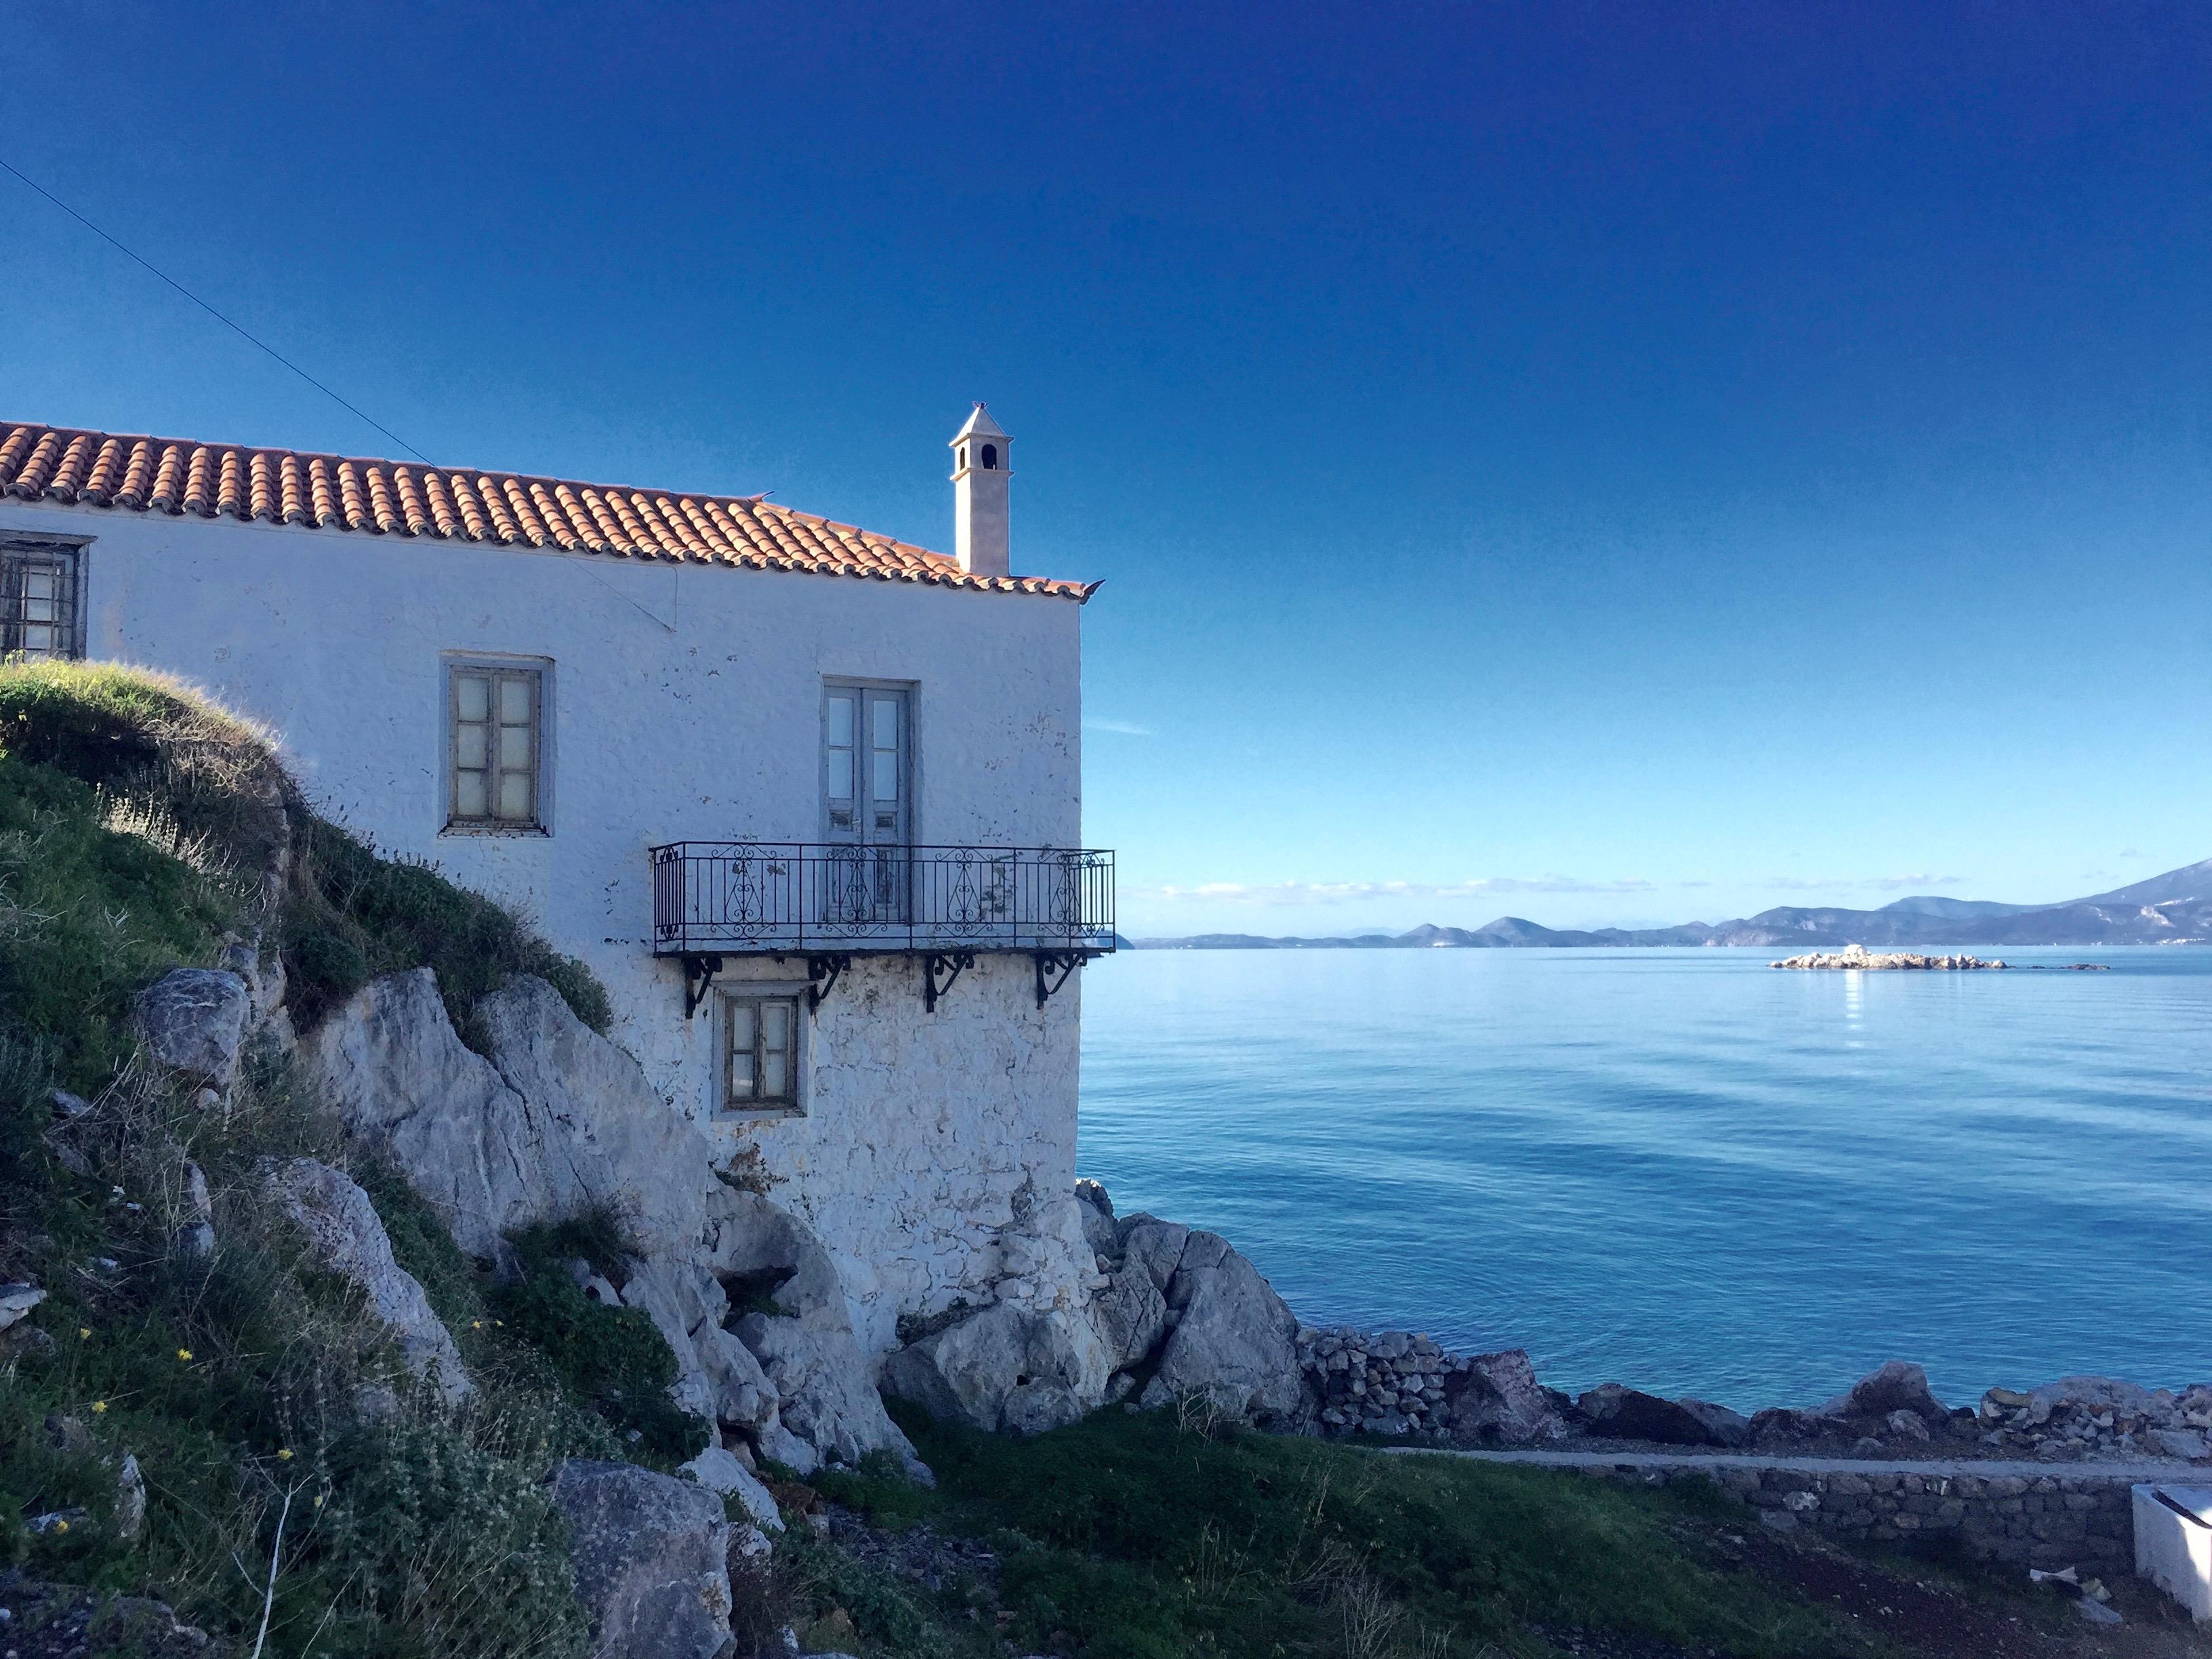 Une maison sur la mer.